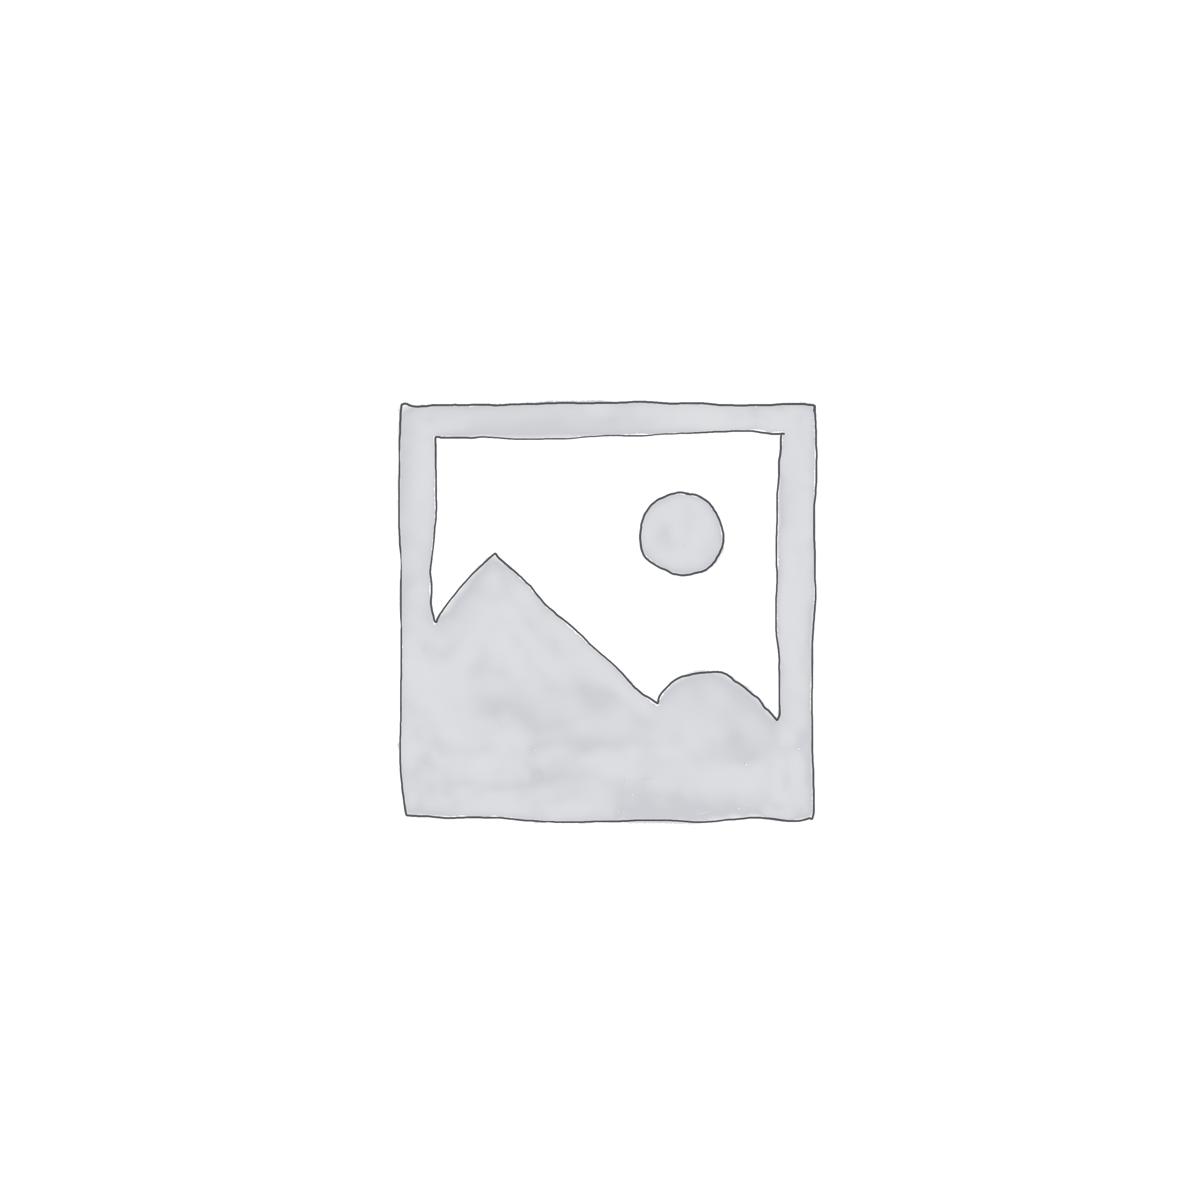 Eiffel Tower and Little Hot Air Balloon Wallpaper Mural